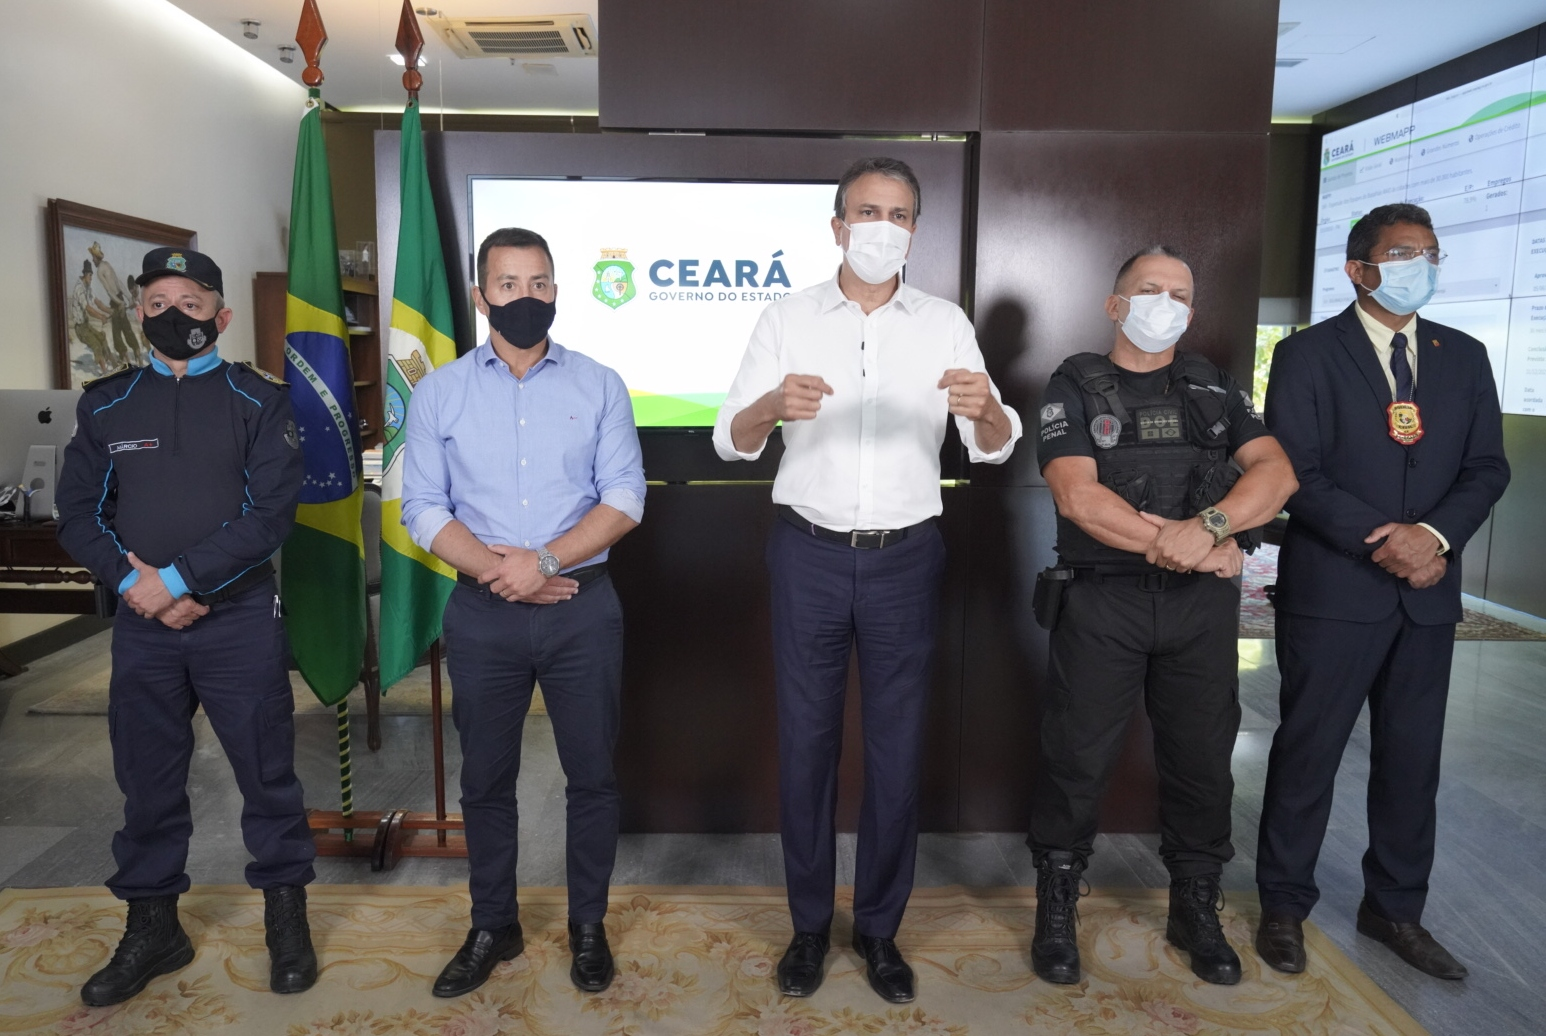 Governo do Ceará terá investimento extra de R$ 120 milhões na Segurança Pública e posse de 247 novos oficiais da PM em outubro